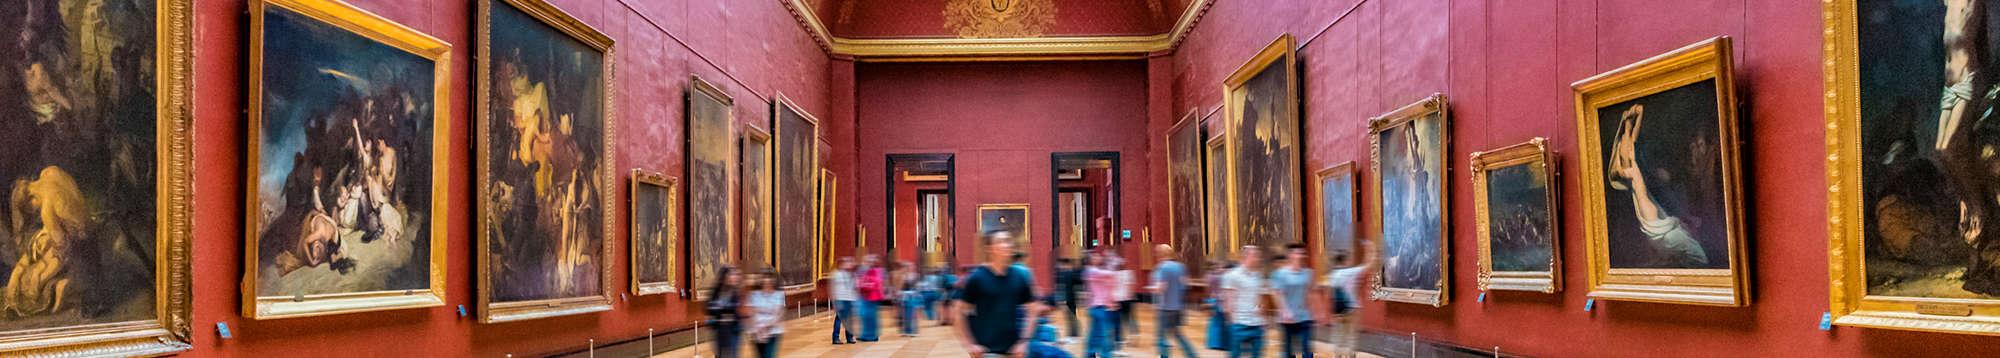 Escapadas fin de semana con visitas a Museos